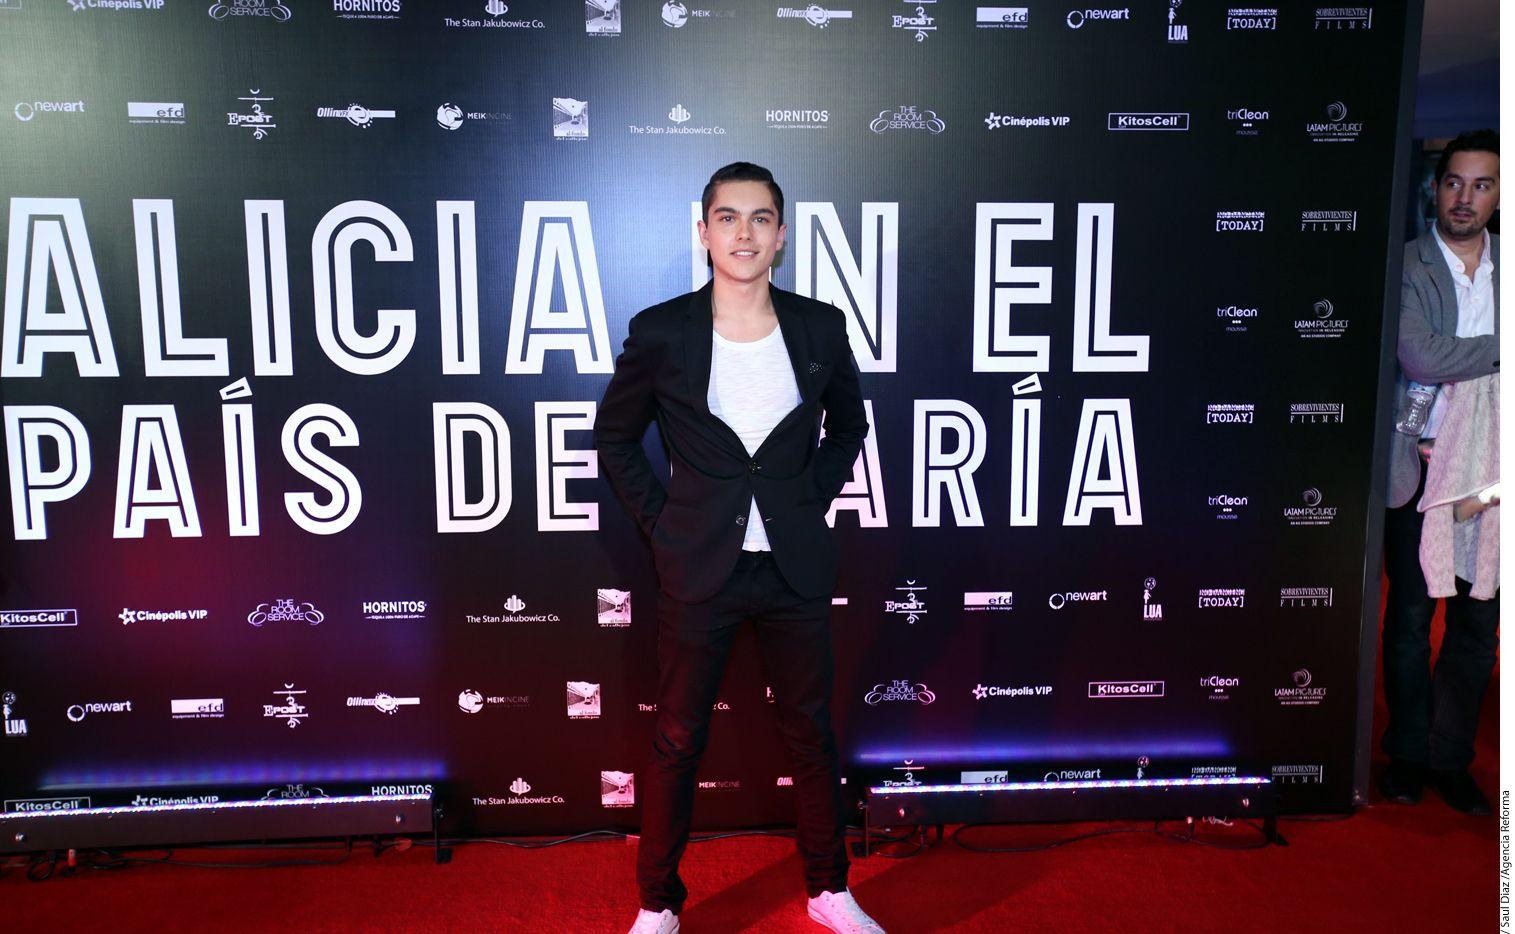 Sergio Mayer Mori conoció a su novia, la brasileña Natalia Subtil, de 28 años, en enero pasado, mientras filmaban la película El Patriarca./AGENCIA REFORMA